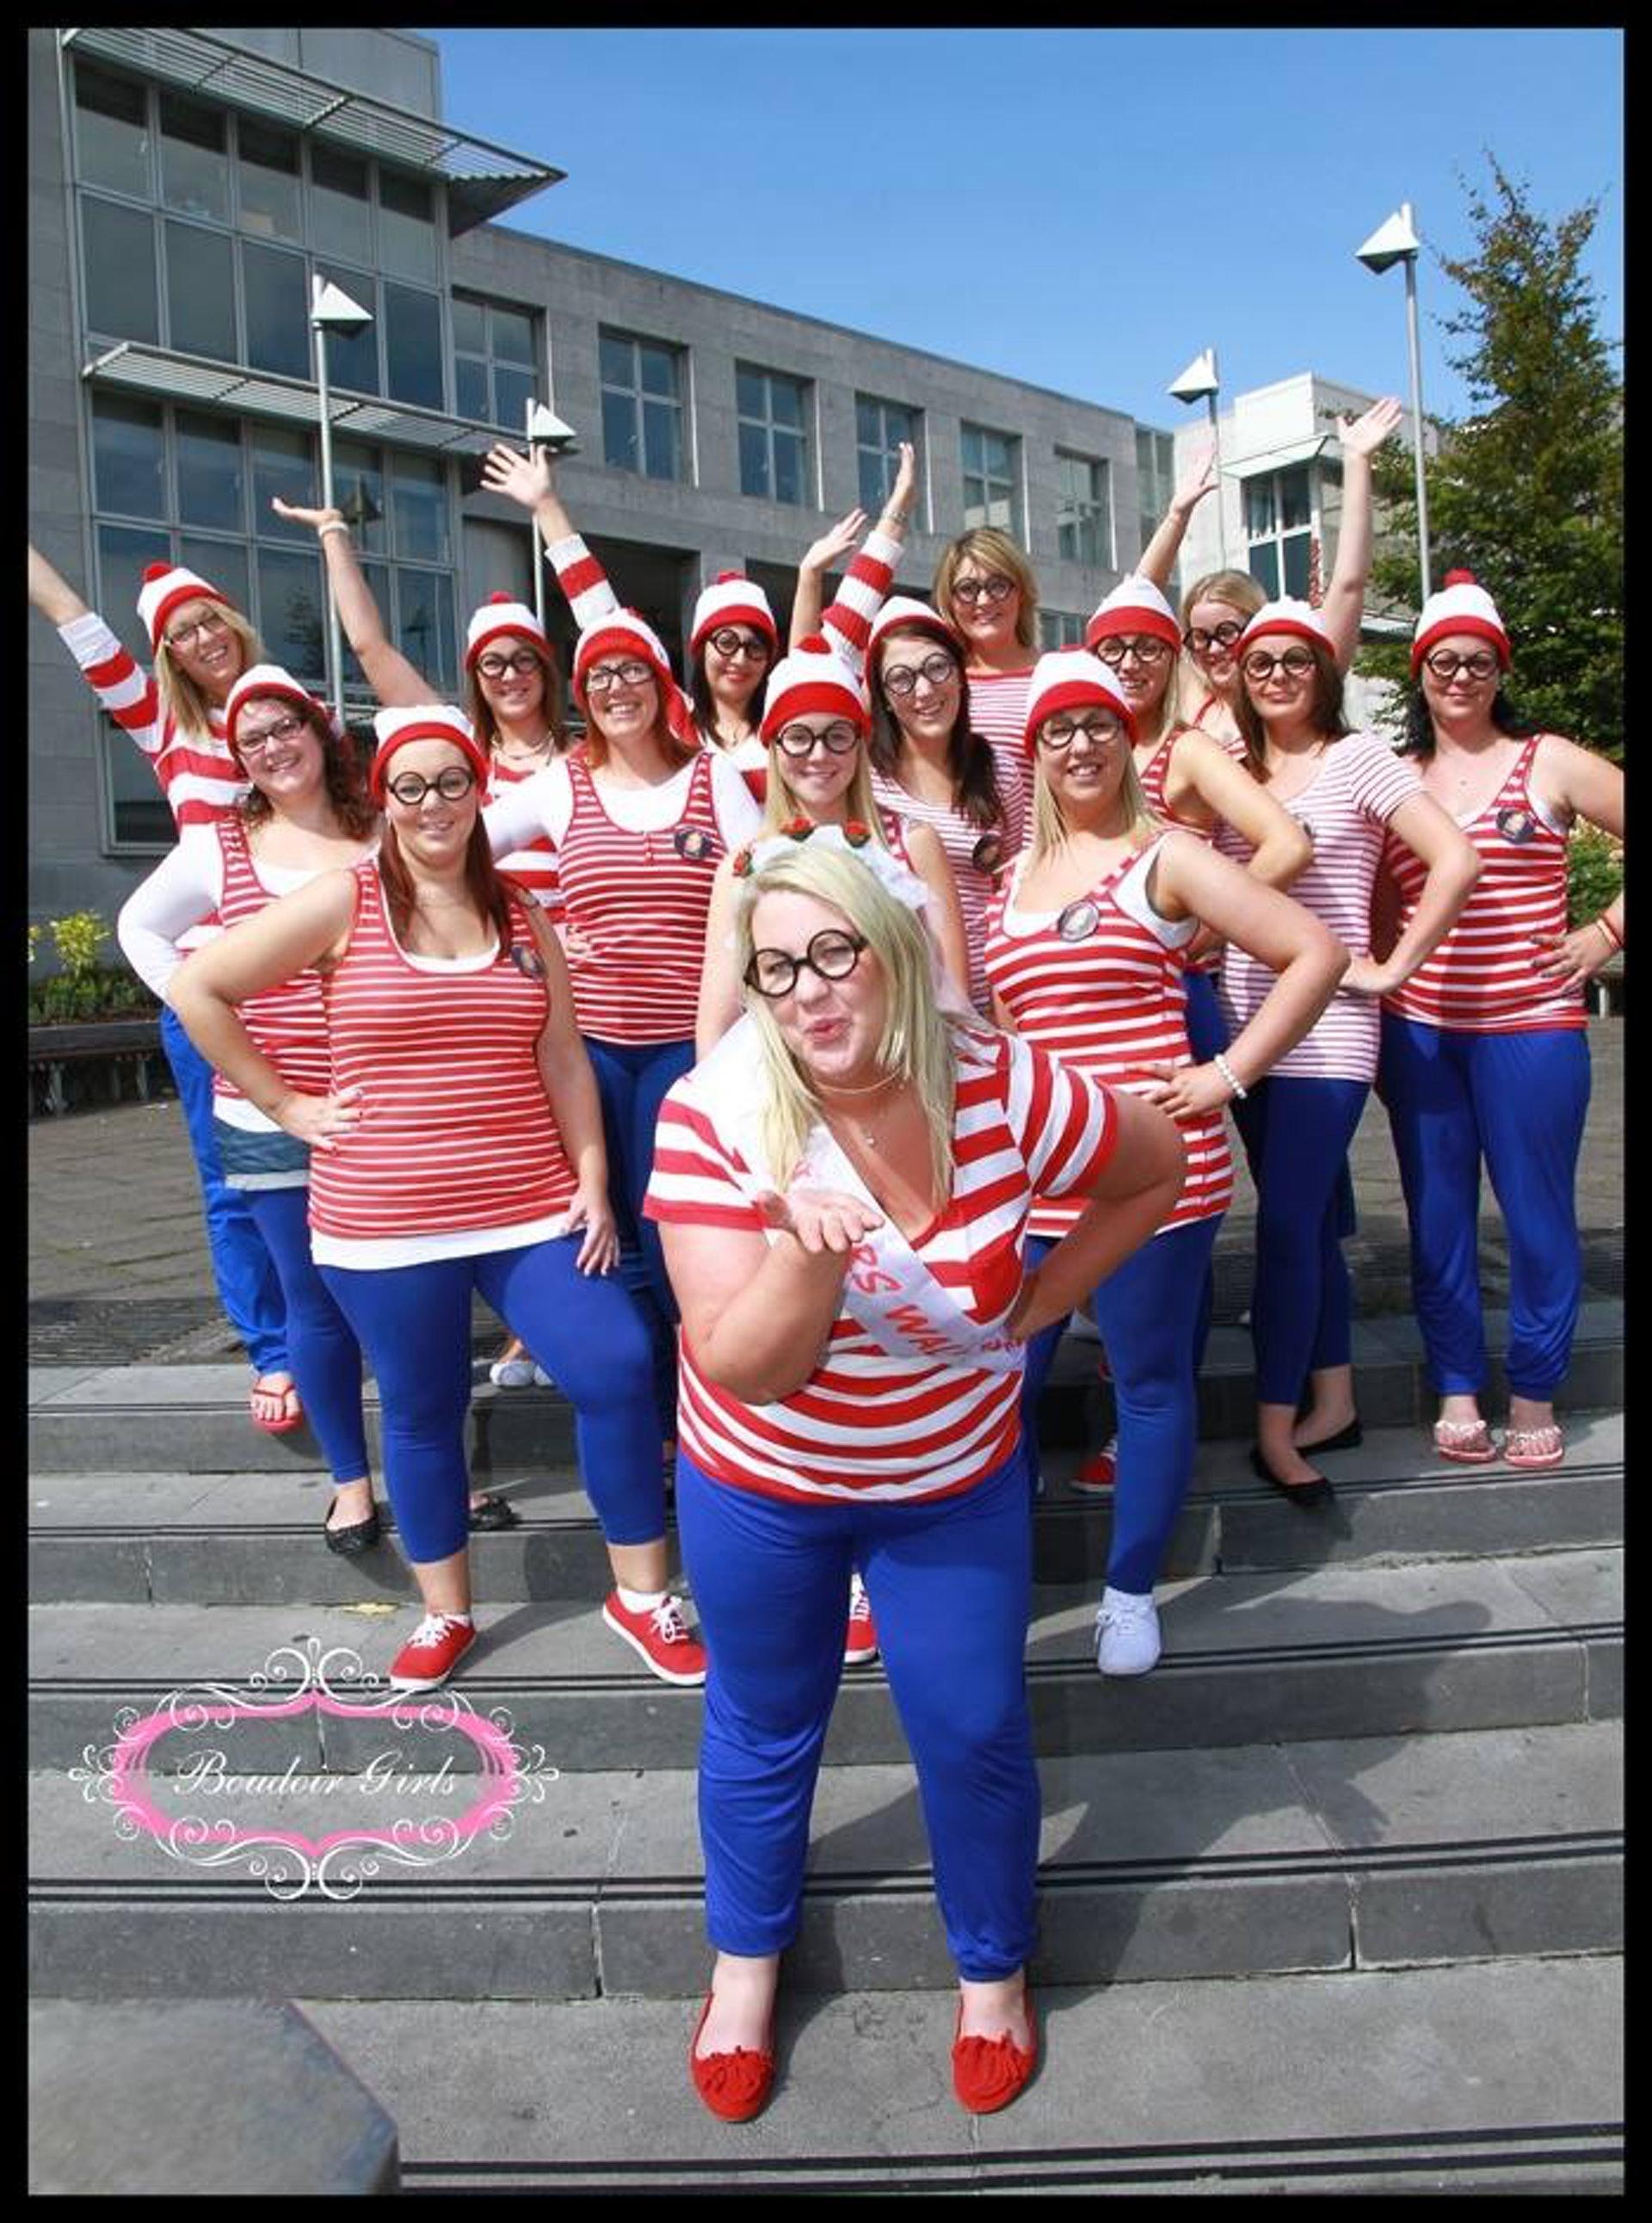 威利现时全球也有粉丝,更模仿威利的打扮。 (网上图片)